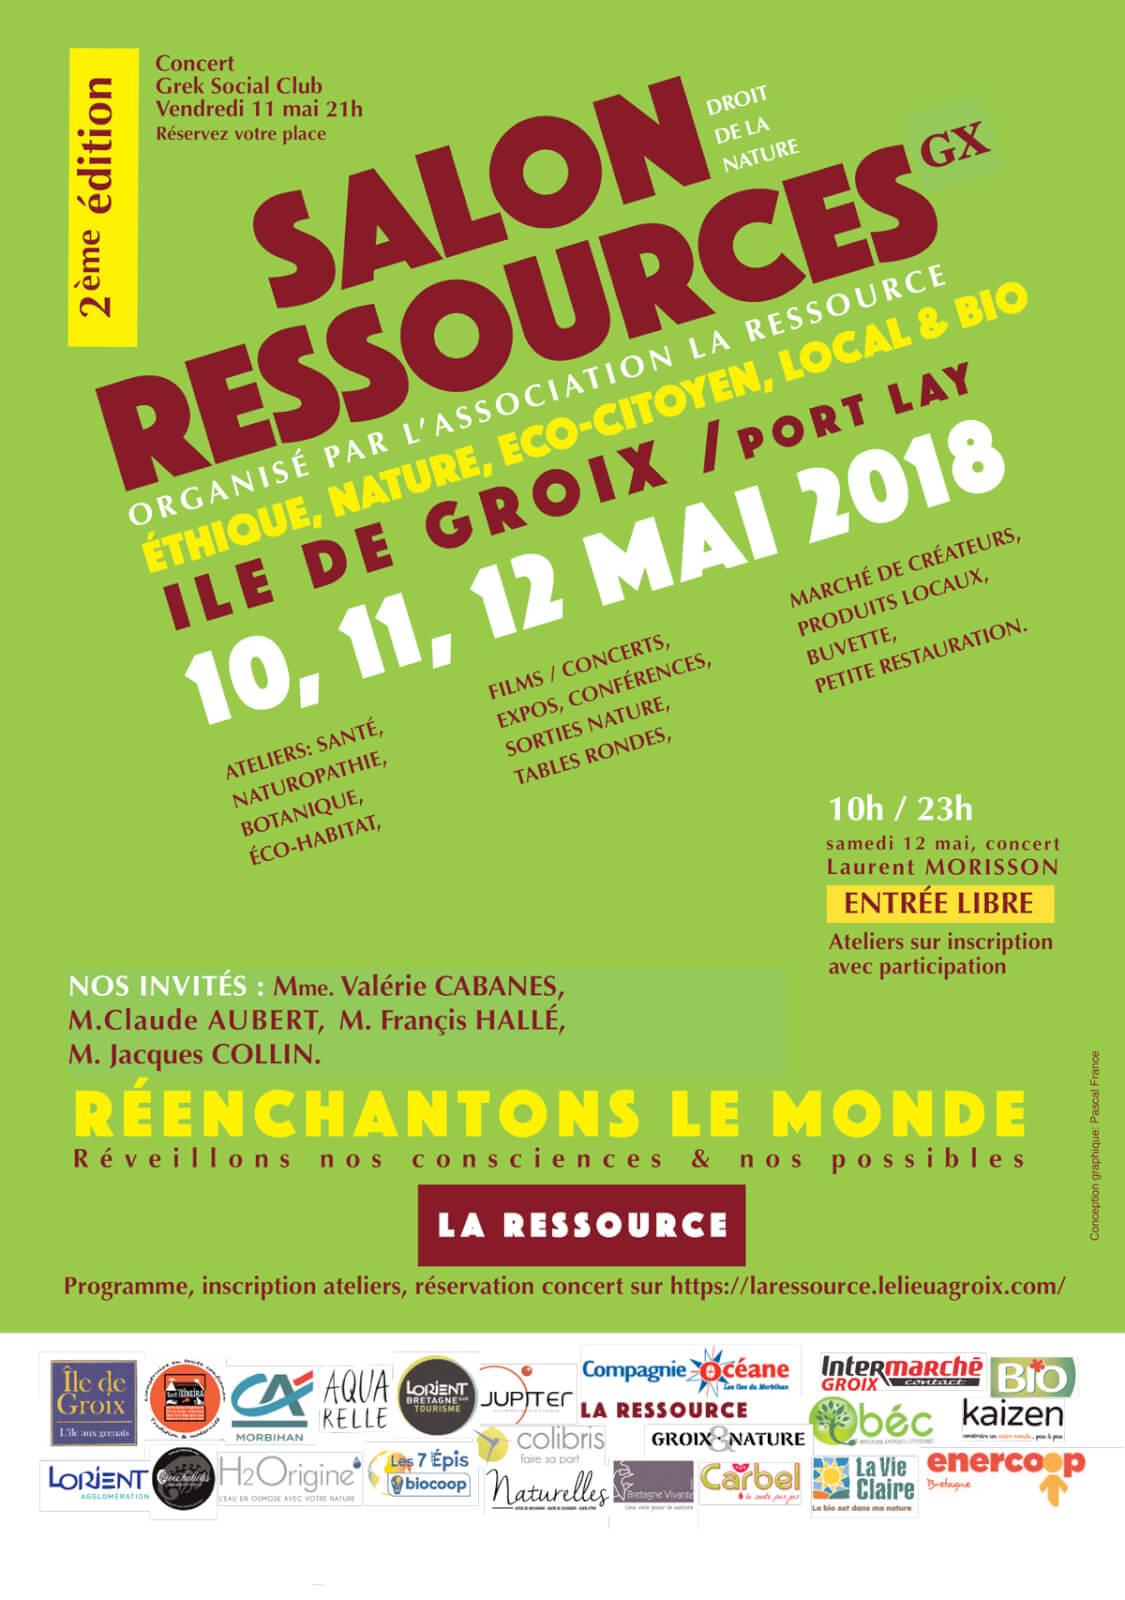 Affiche définitive du 2ème salon RESSOURCES à Groix en 2018